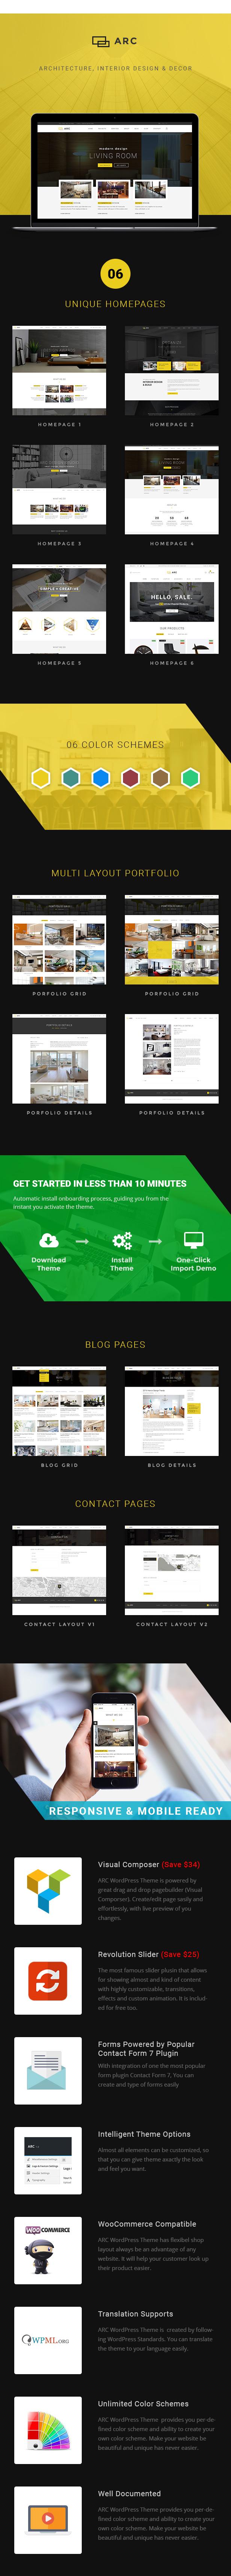 ARC - Interior Design, Decor, Architecture WordPress Theme